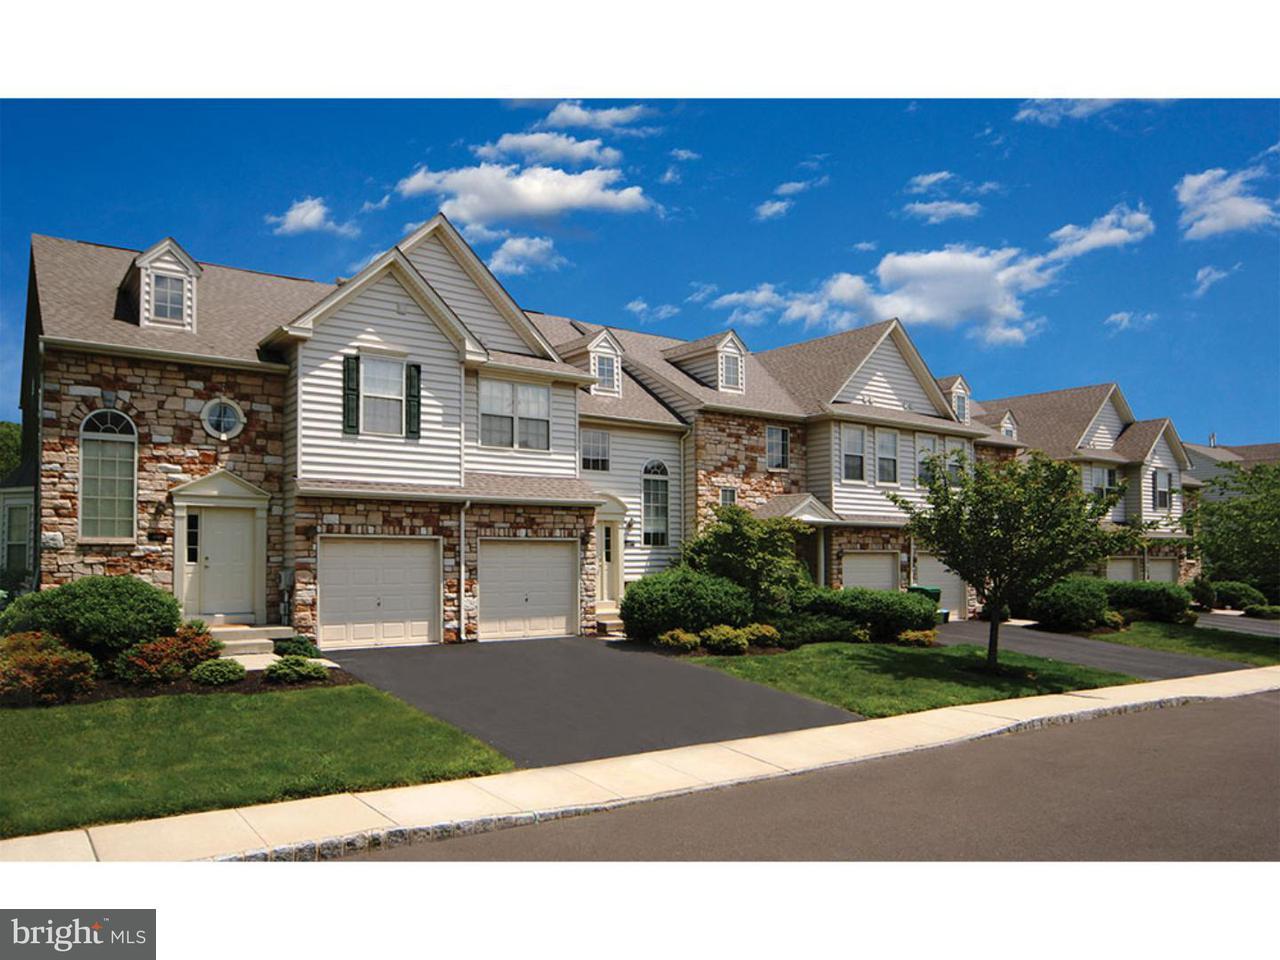 联栋屋 为 出租 在 4081 REDBUD Circle 多伊尔斯敦, 宾夕法尼亚州 18902 美国